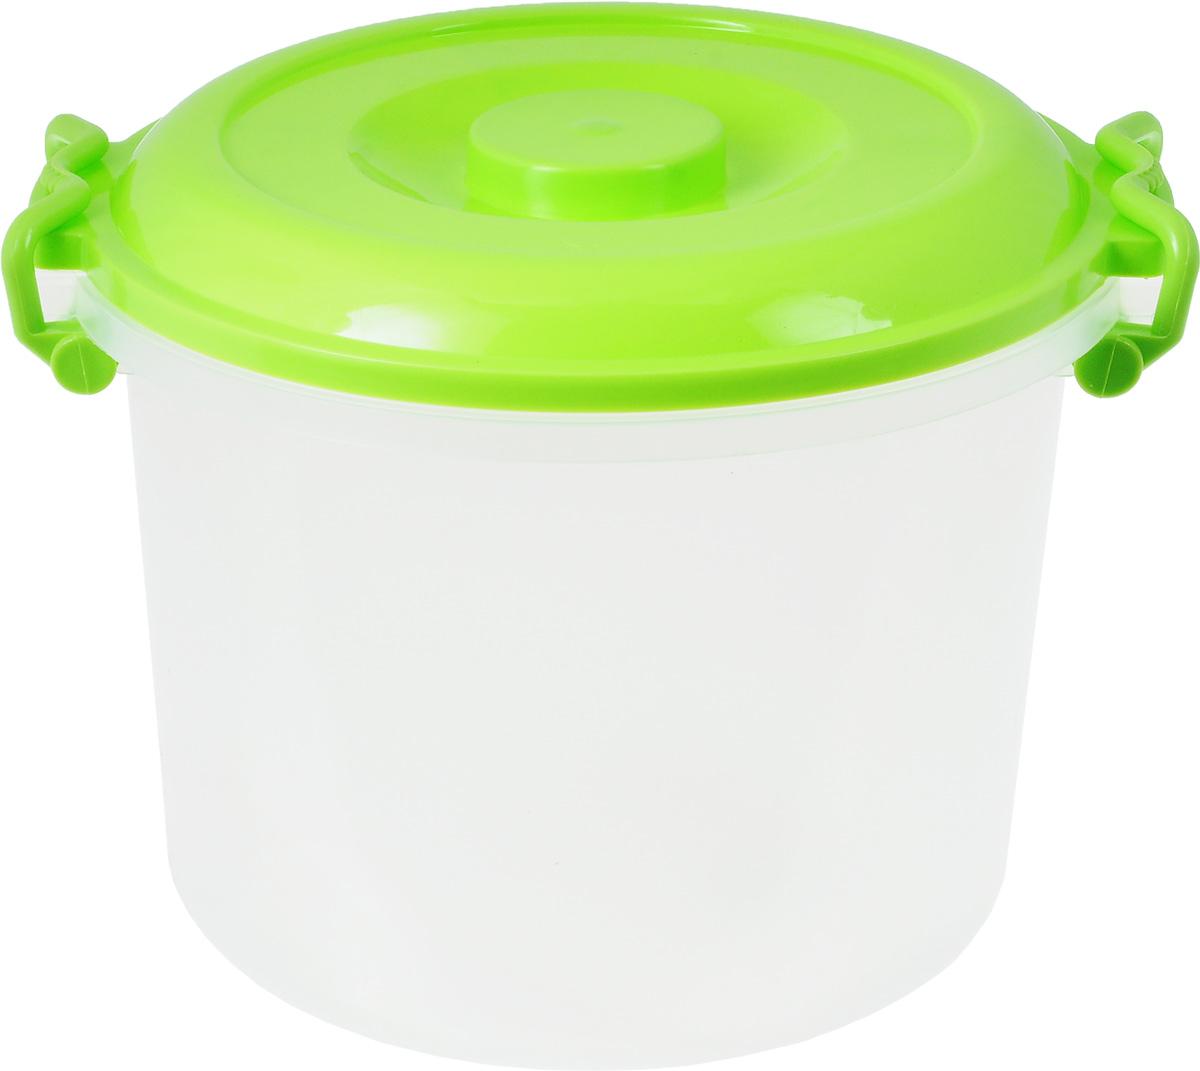 """Контейнер """"Альтернатива"""" изготовлен из высококачественного  пищевого  пластика. Изделие оснащено крышкой и ручками, которые плотно  закрывают  контейнер. Также на крышке имеется ручка для удобной  переноски. Емкость  предназначена для хранения различных бытовых вещей и  продуктов.  Такой  контейнер очень функционален и всегда пригодится на кухне.    Диаметр контейнера (по верхнему краю): 25 см.  Высота контейнера (без учета крышки): 21 см.  Объем: 8 л."""